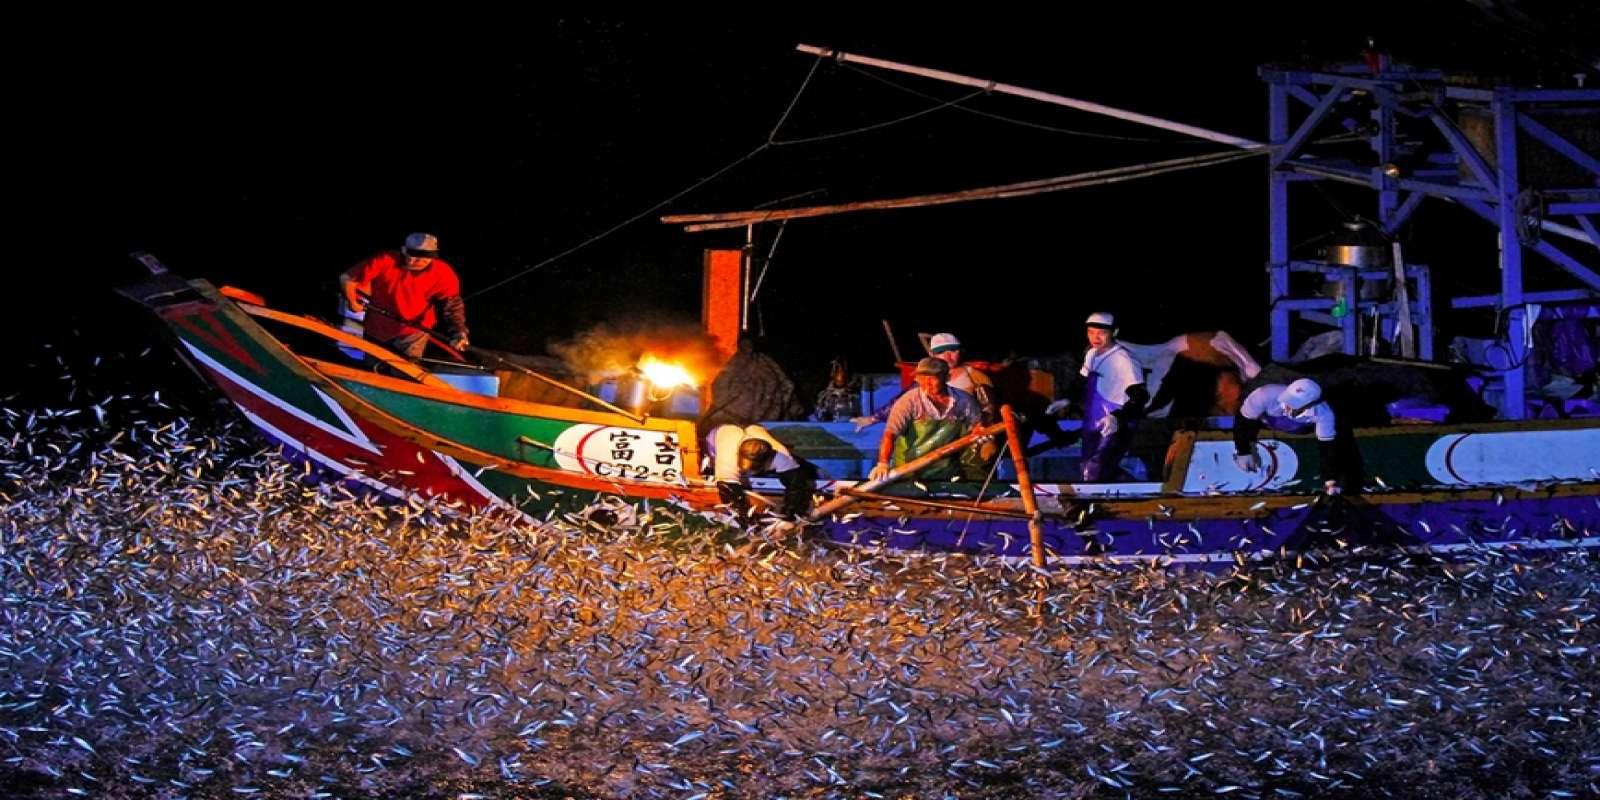 Thuyền đánh cá bằng lửa cuối cùng ở Đài Loan - 1